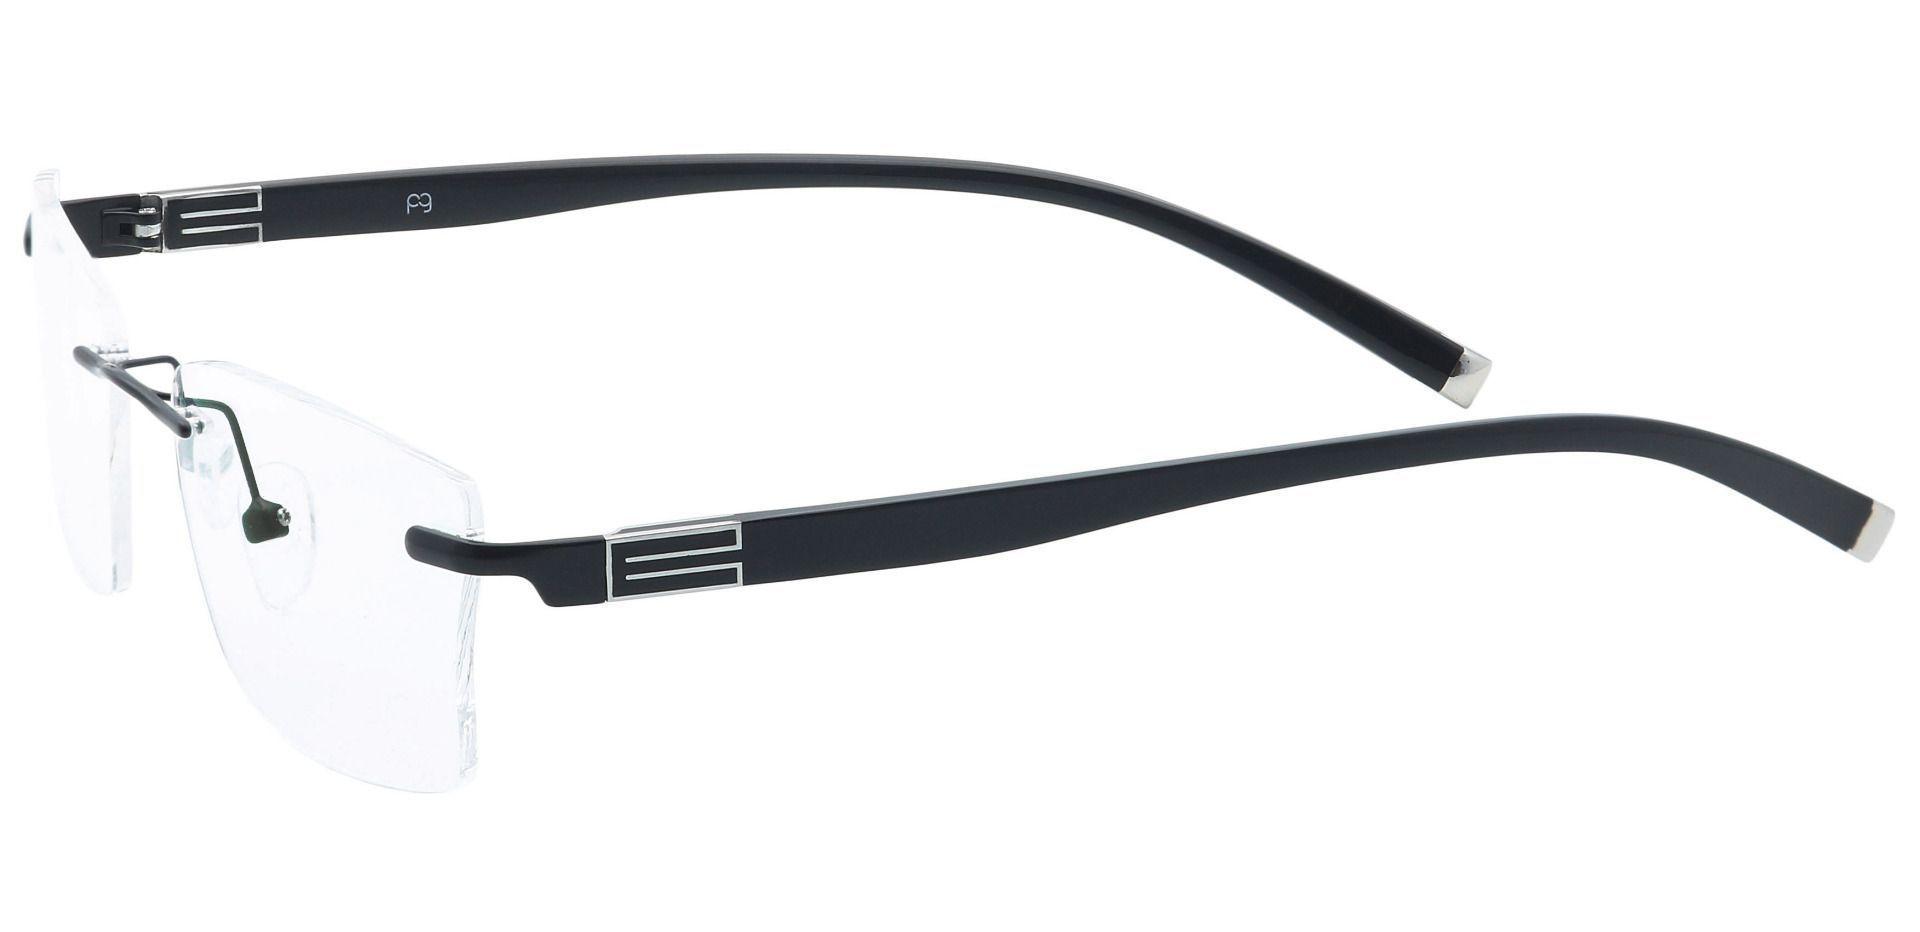 Whistler Rimless Lined Bifocal Glasses - Black